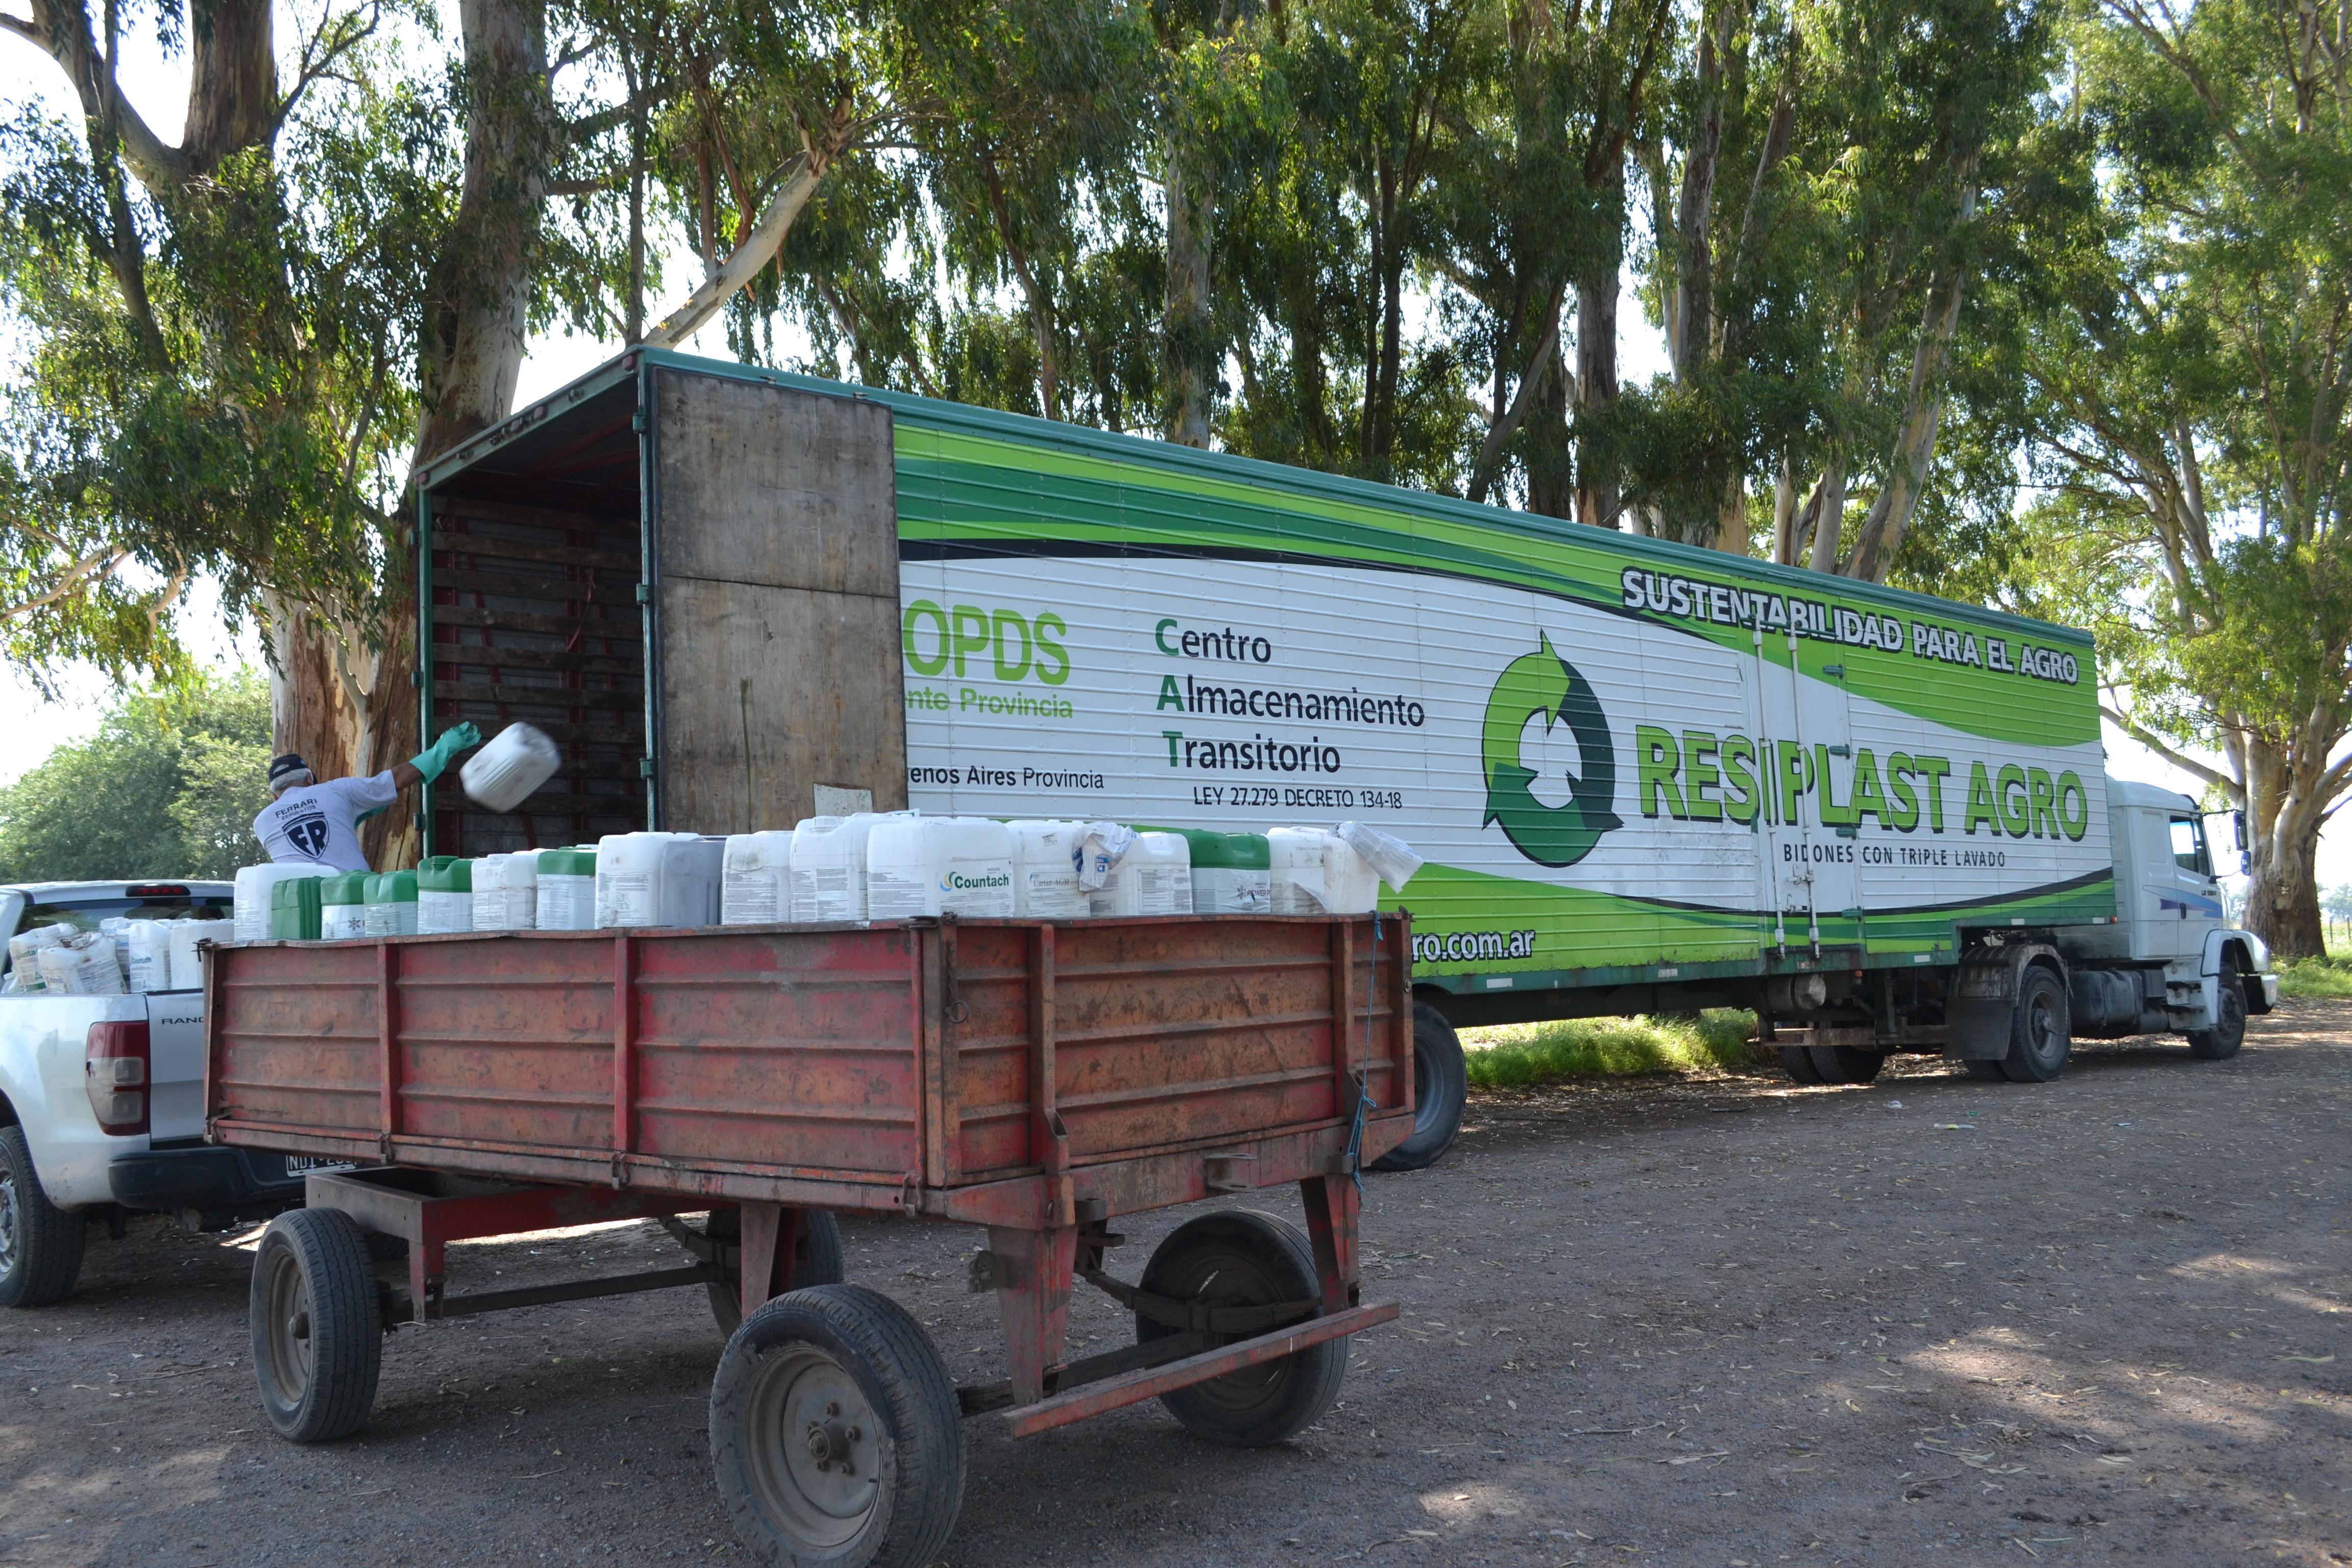 Fitosanitarios: Positiva respuesta de productores a la devolución de envases vacíos en 9 de Julio